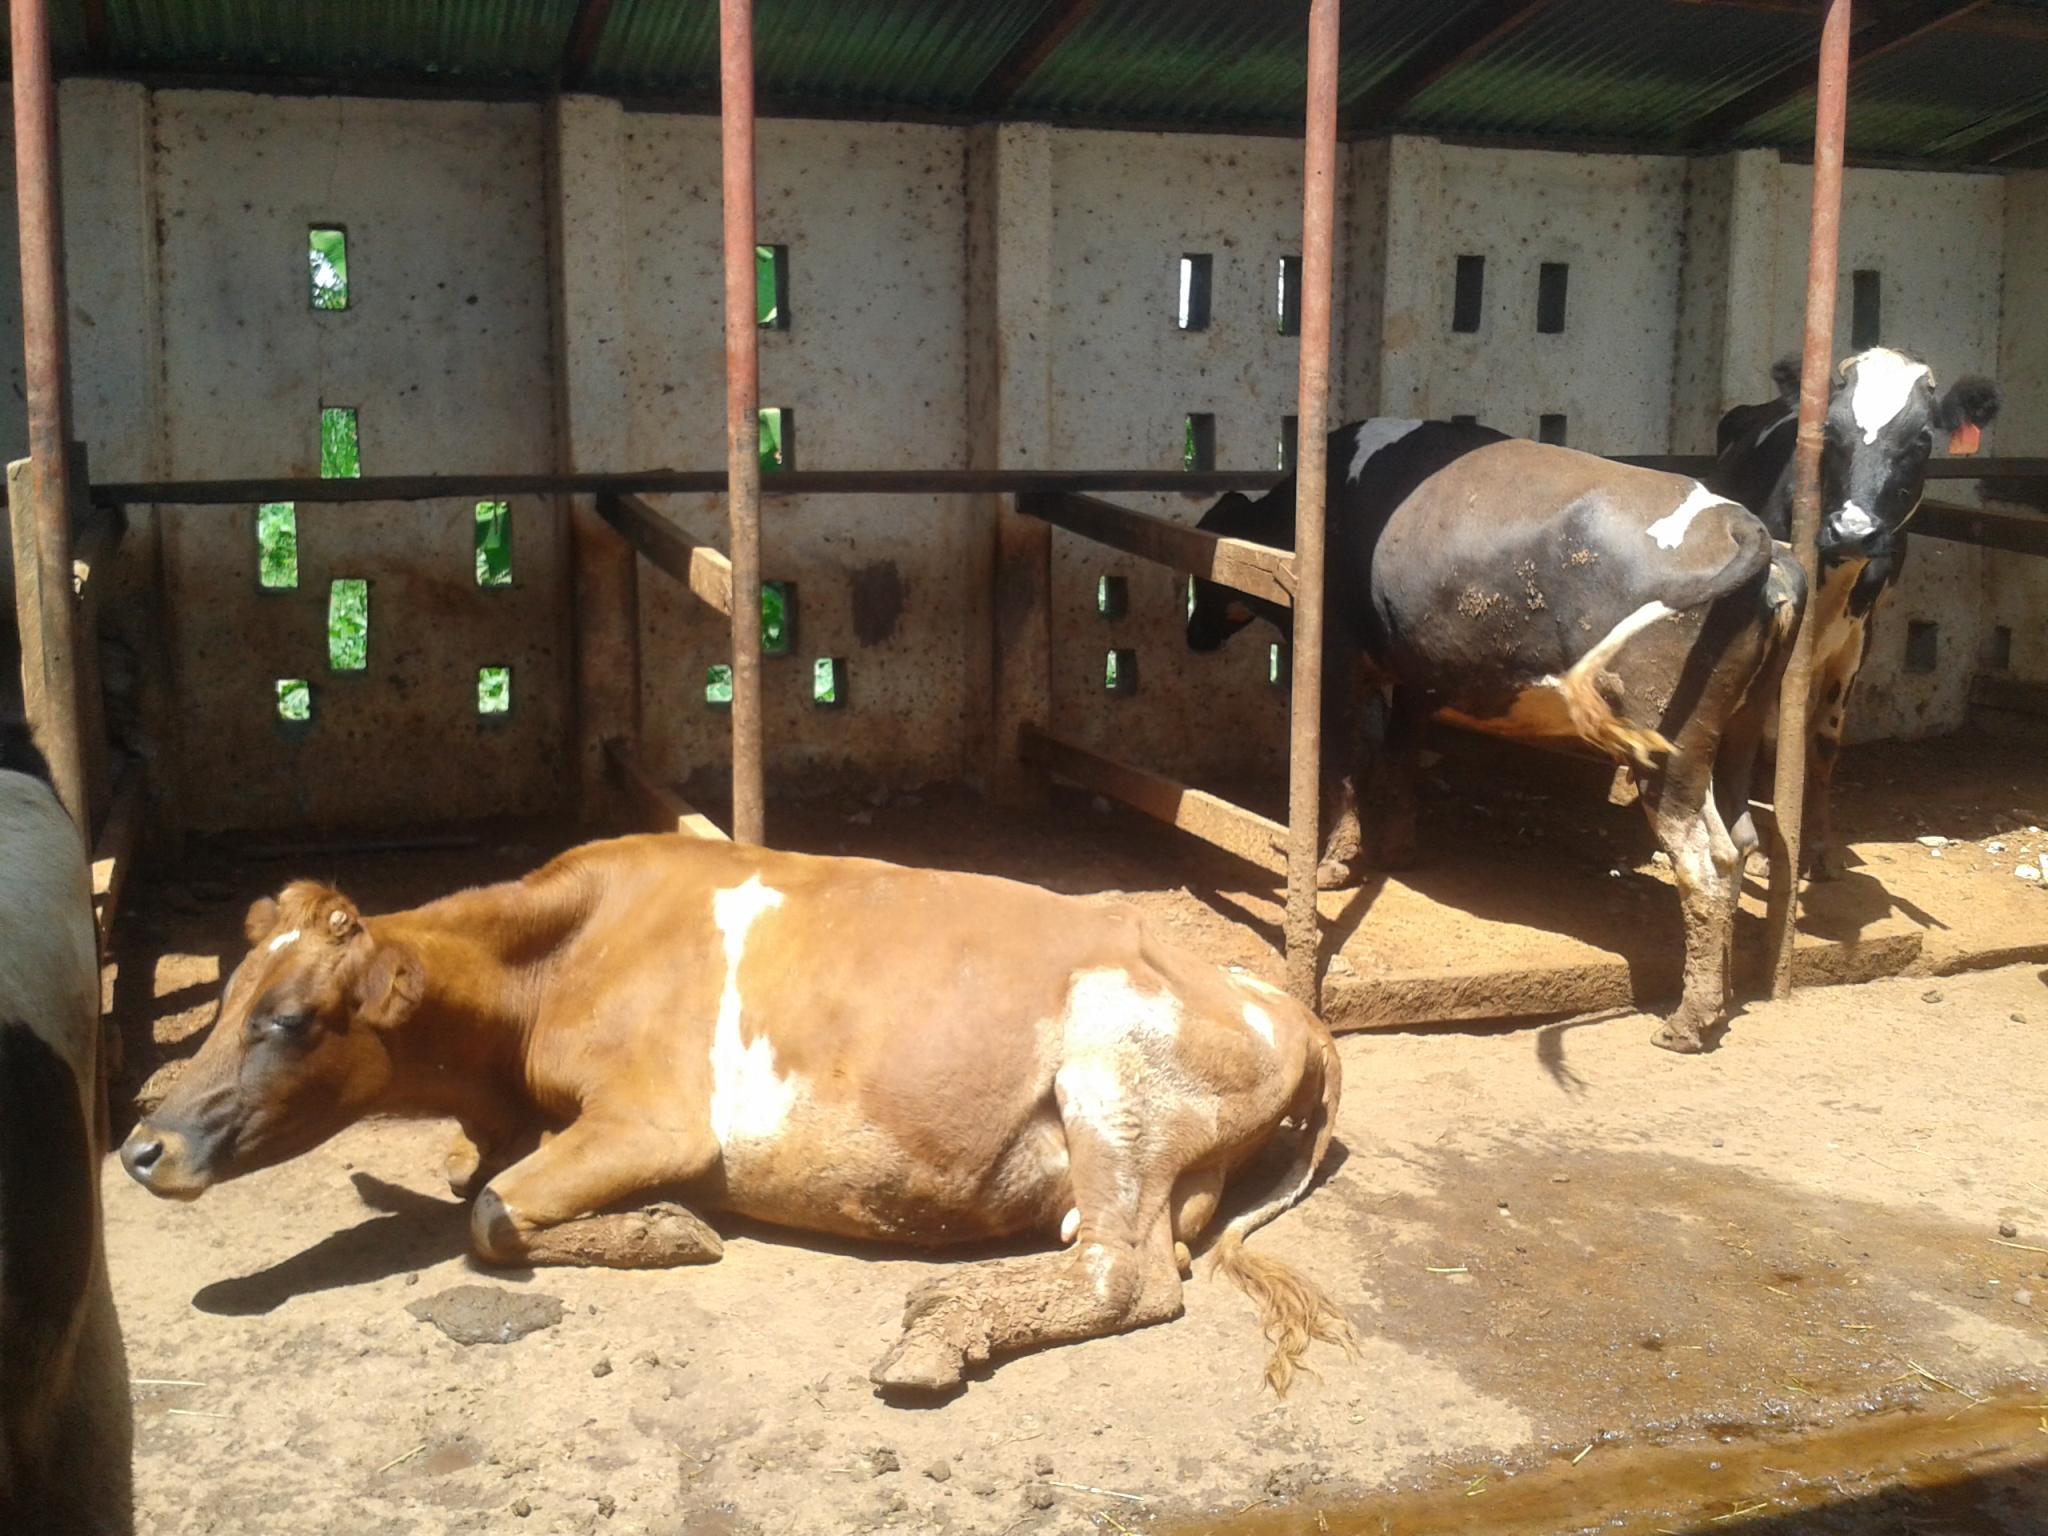 Cows in a zero grazing unit